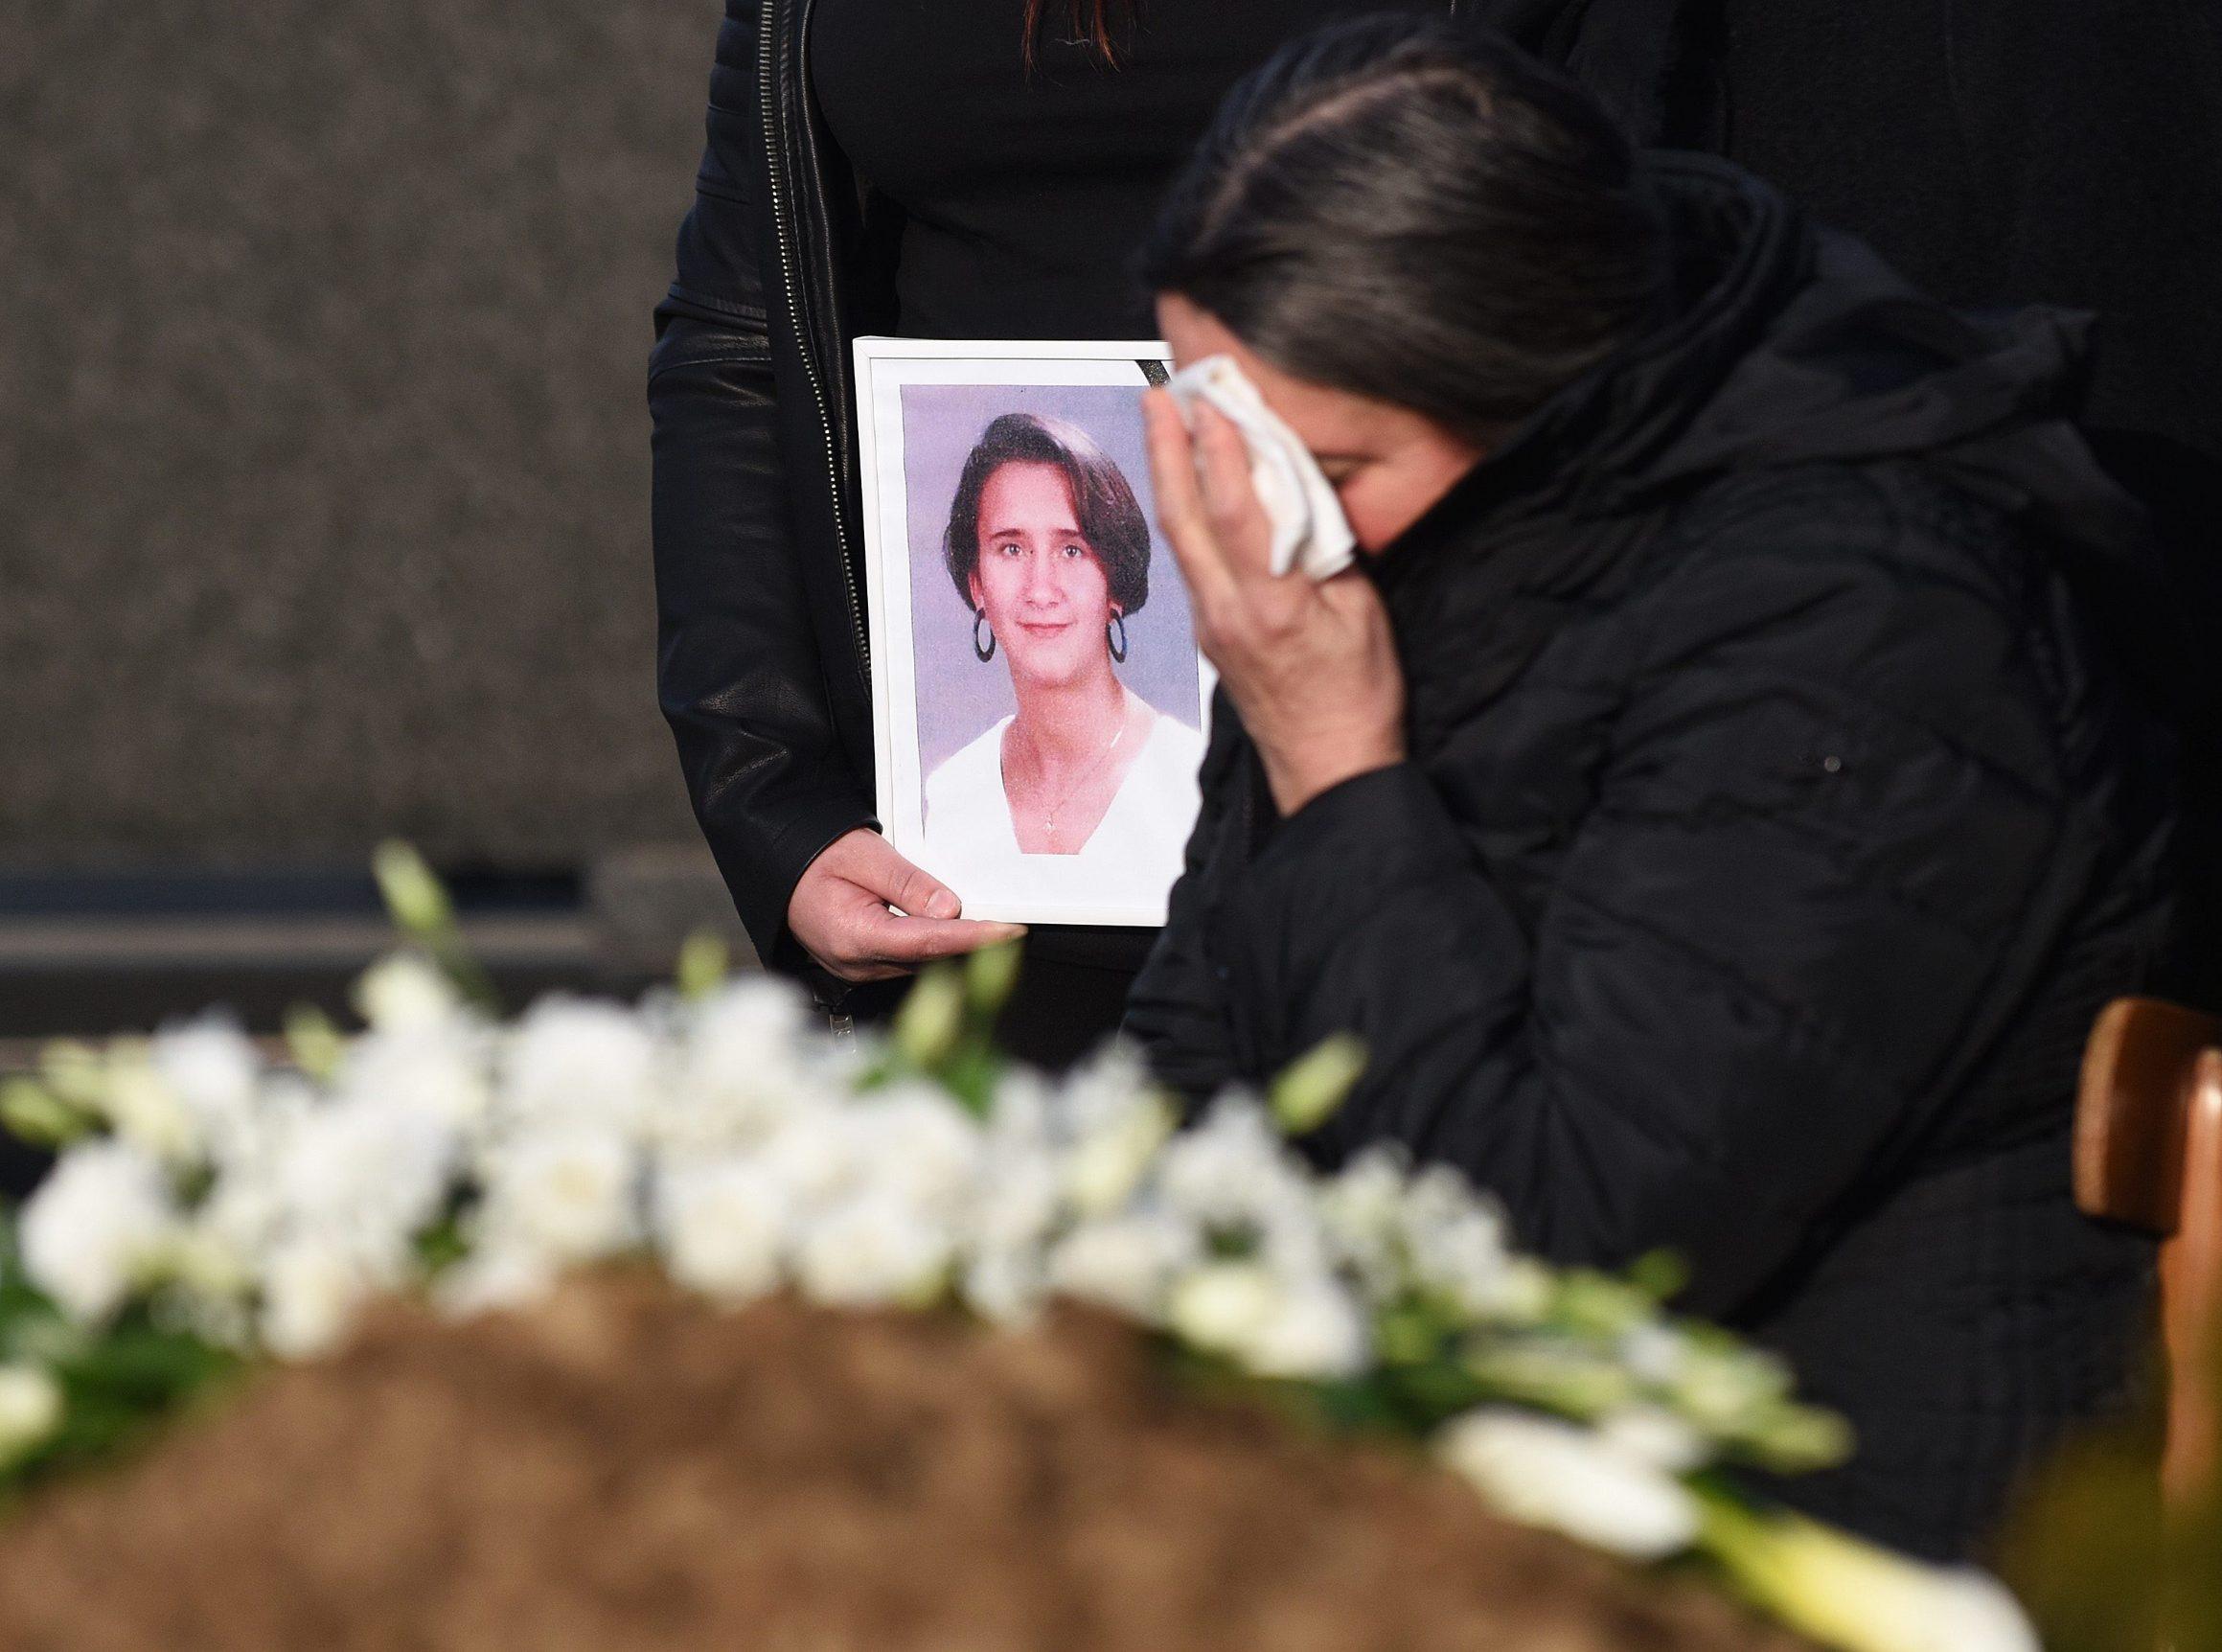 Palovac, 200219. Na mjesnom groblju u Palovcu kraj Cakovca sahranjena je Jasmina Dominic, djevojka nestala 2000. godine cije tijelo je pronadjeno u zamrzivacu njezine obiteljske kuce. Na fotografiji: Majka Jasmine Dominic Katarina Dominic. Foto: Robert Fajt / CROPIX